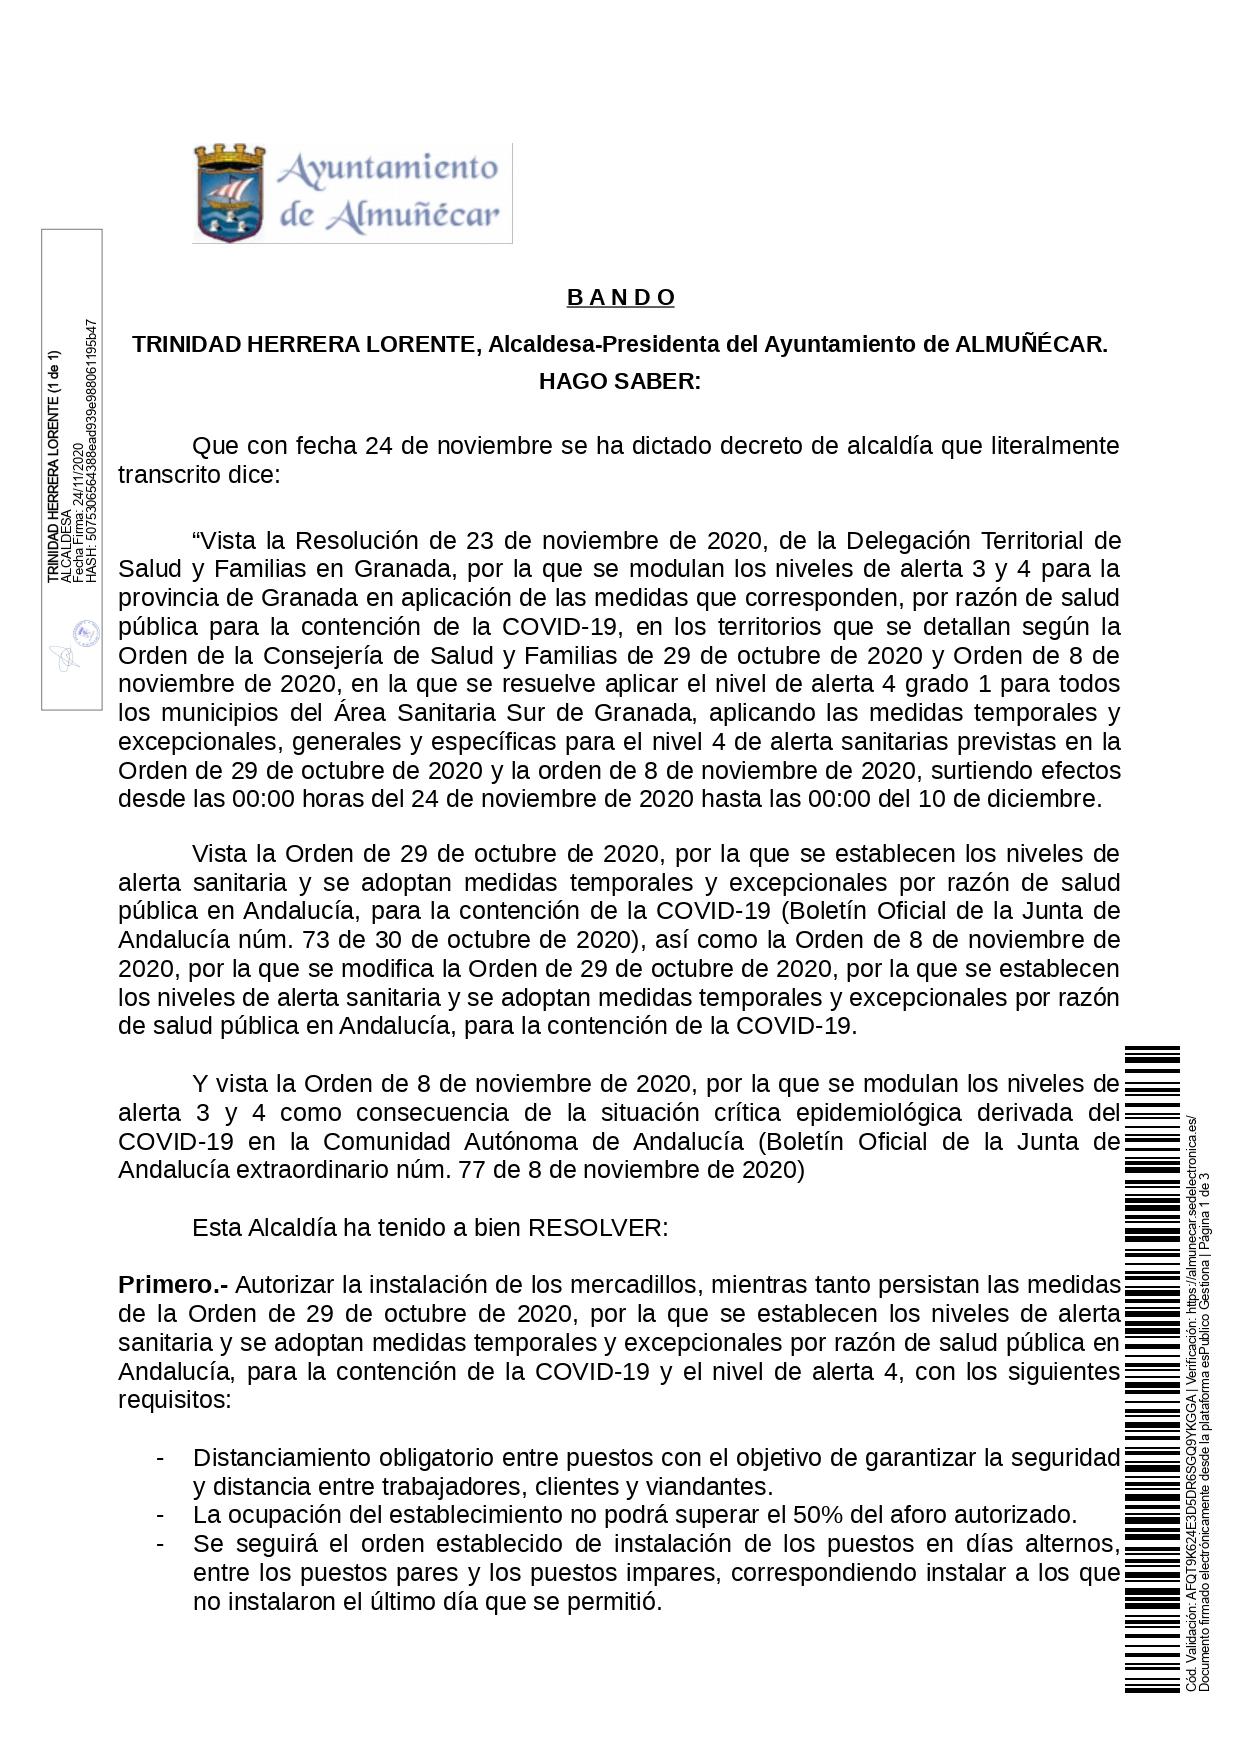 Bando de la alcaldesa de Almuñécar #Almuñecar #Almunecar @AlmunecarAyto Trinidad Herrera Lorente @TriniHL con fecha 24 de noviembre: